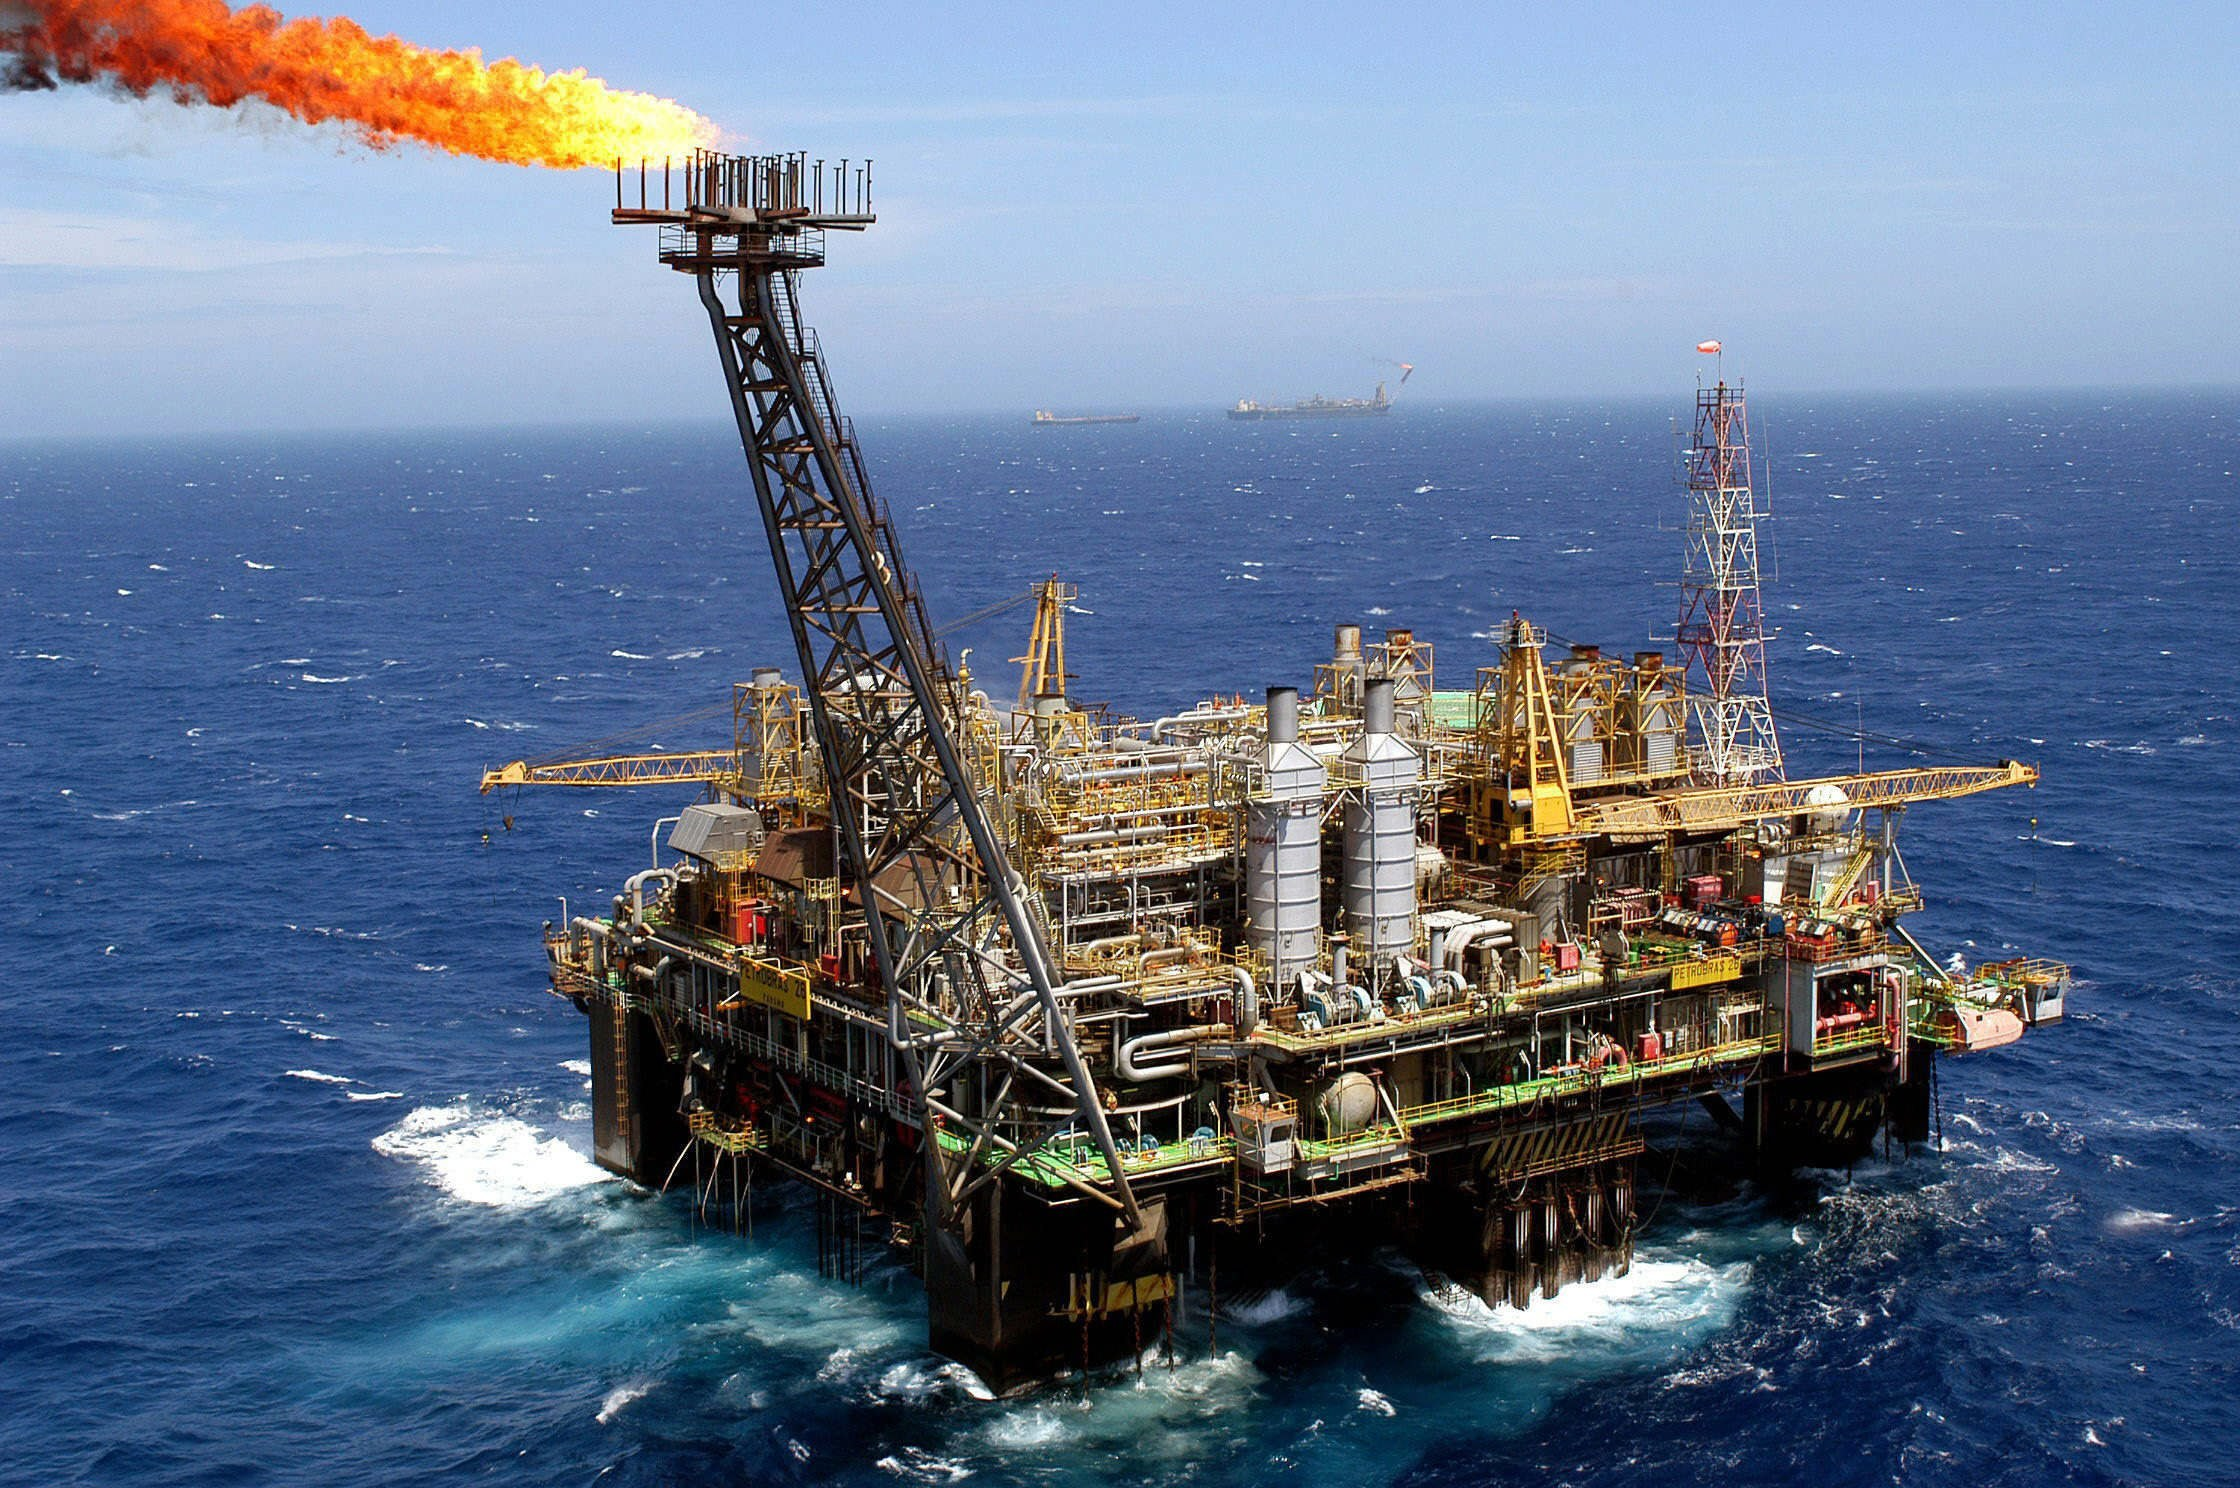 Petróleo vai deixar de ser o principal motor do crescimento de Angola - IHS Markit